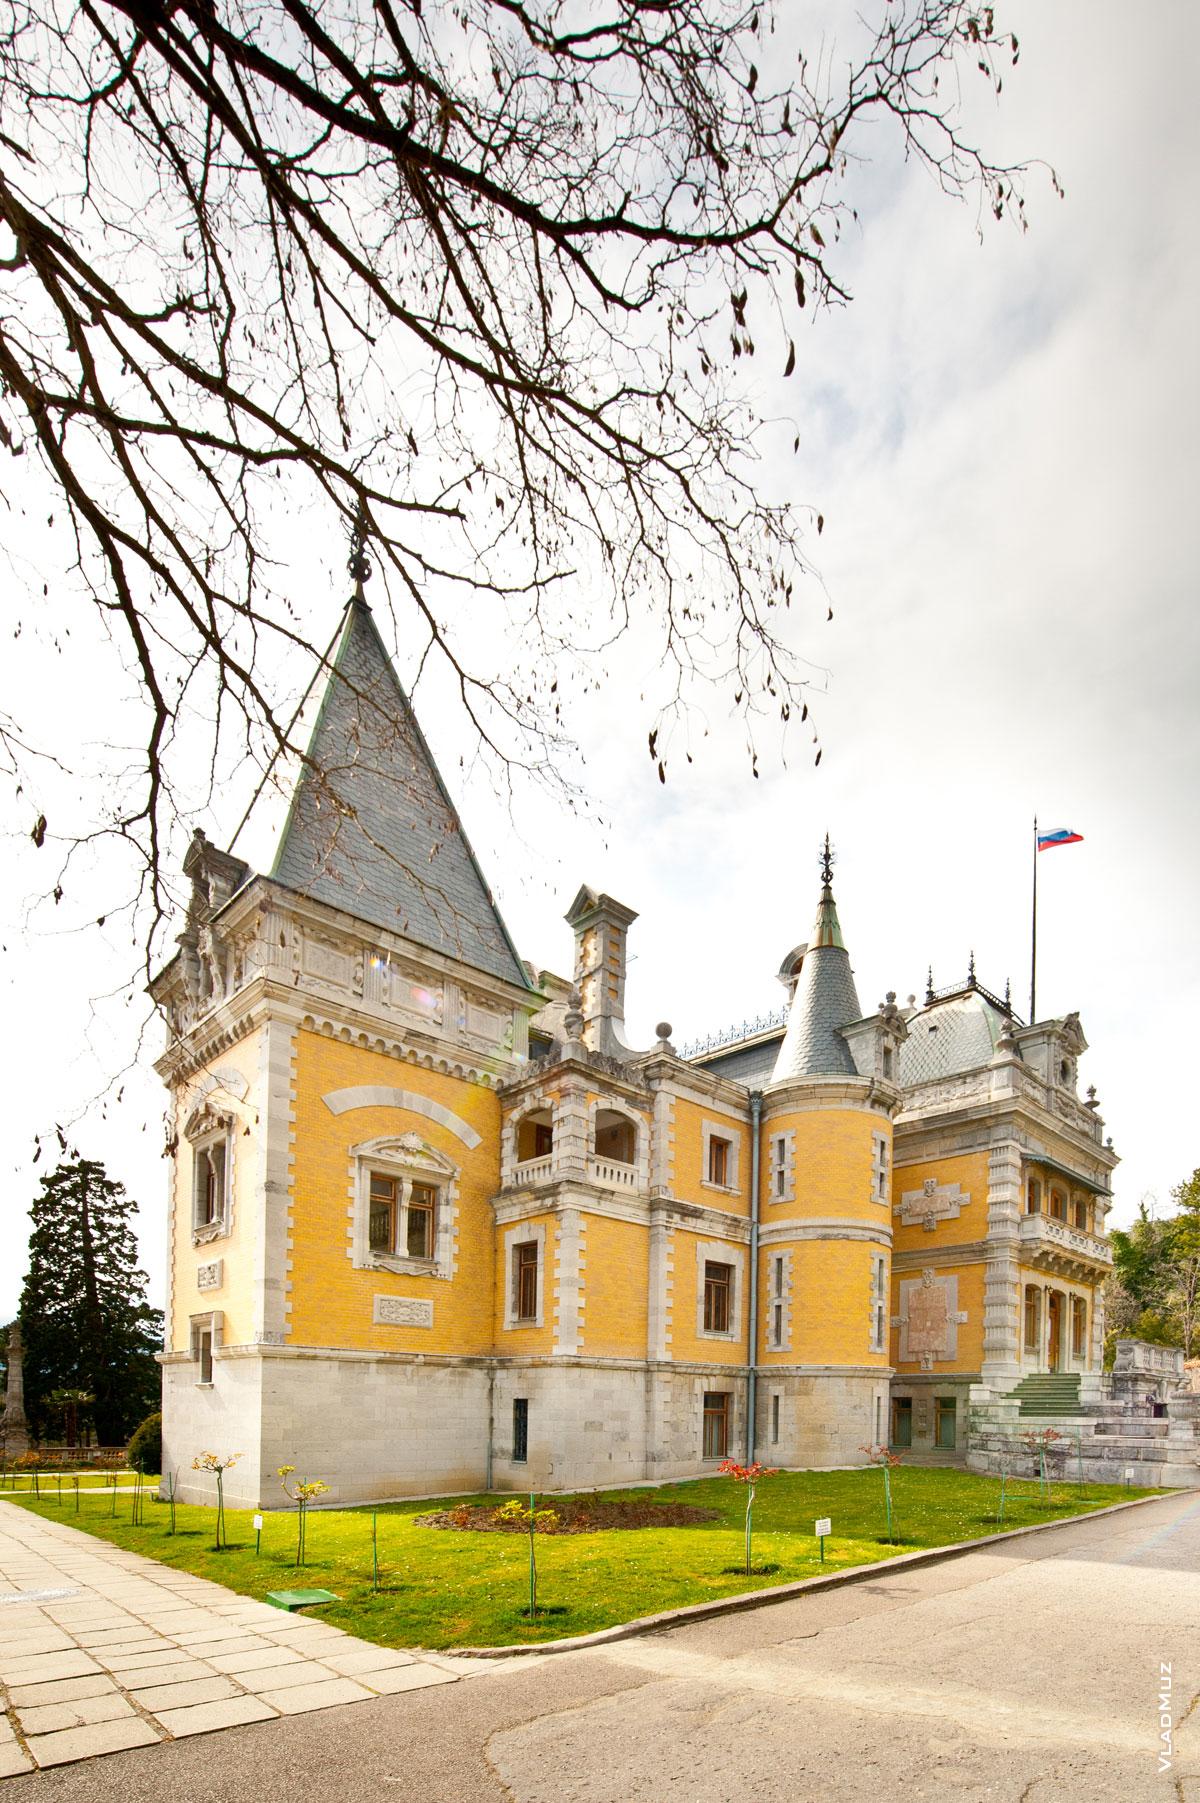 Массандровский дворец в Ялте в Крыму, фото